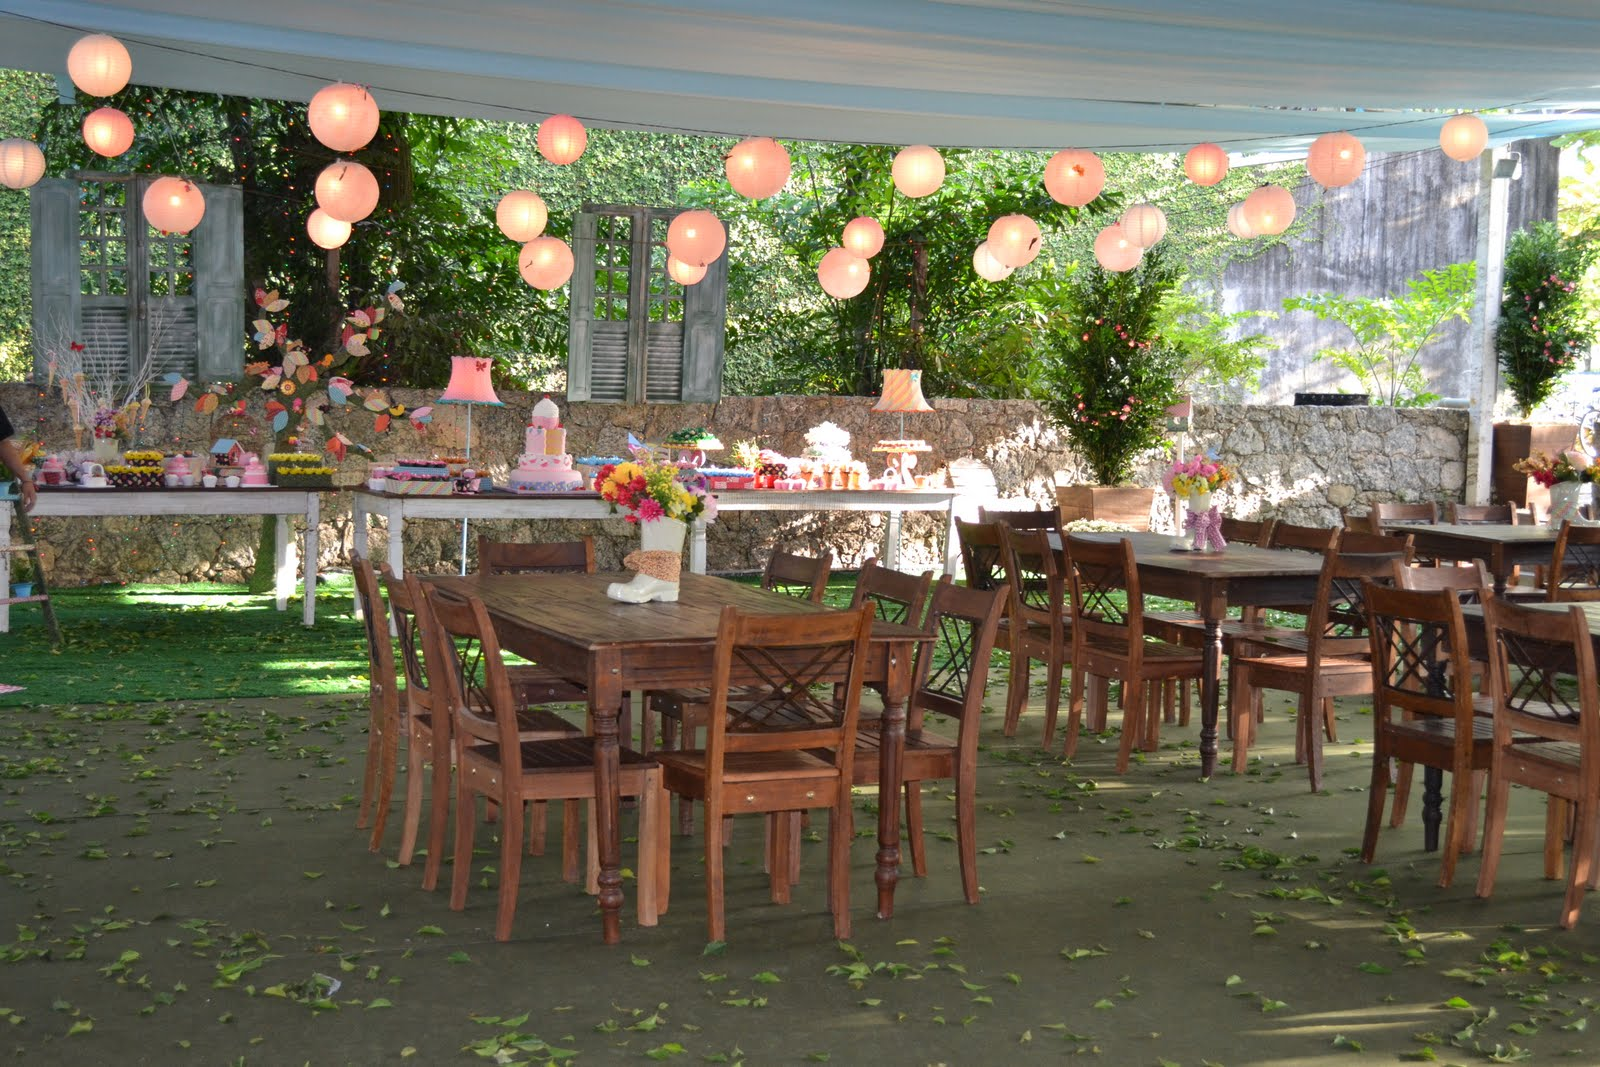 decoracao festa retro : decoracao festa retro:Inspire-se: Festa Vintage no Jockey com decoração Bia Lima !!!!